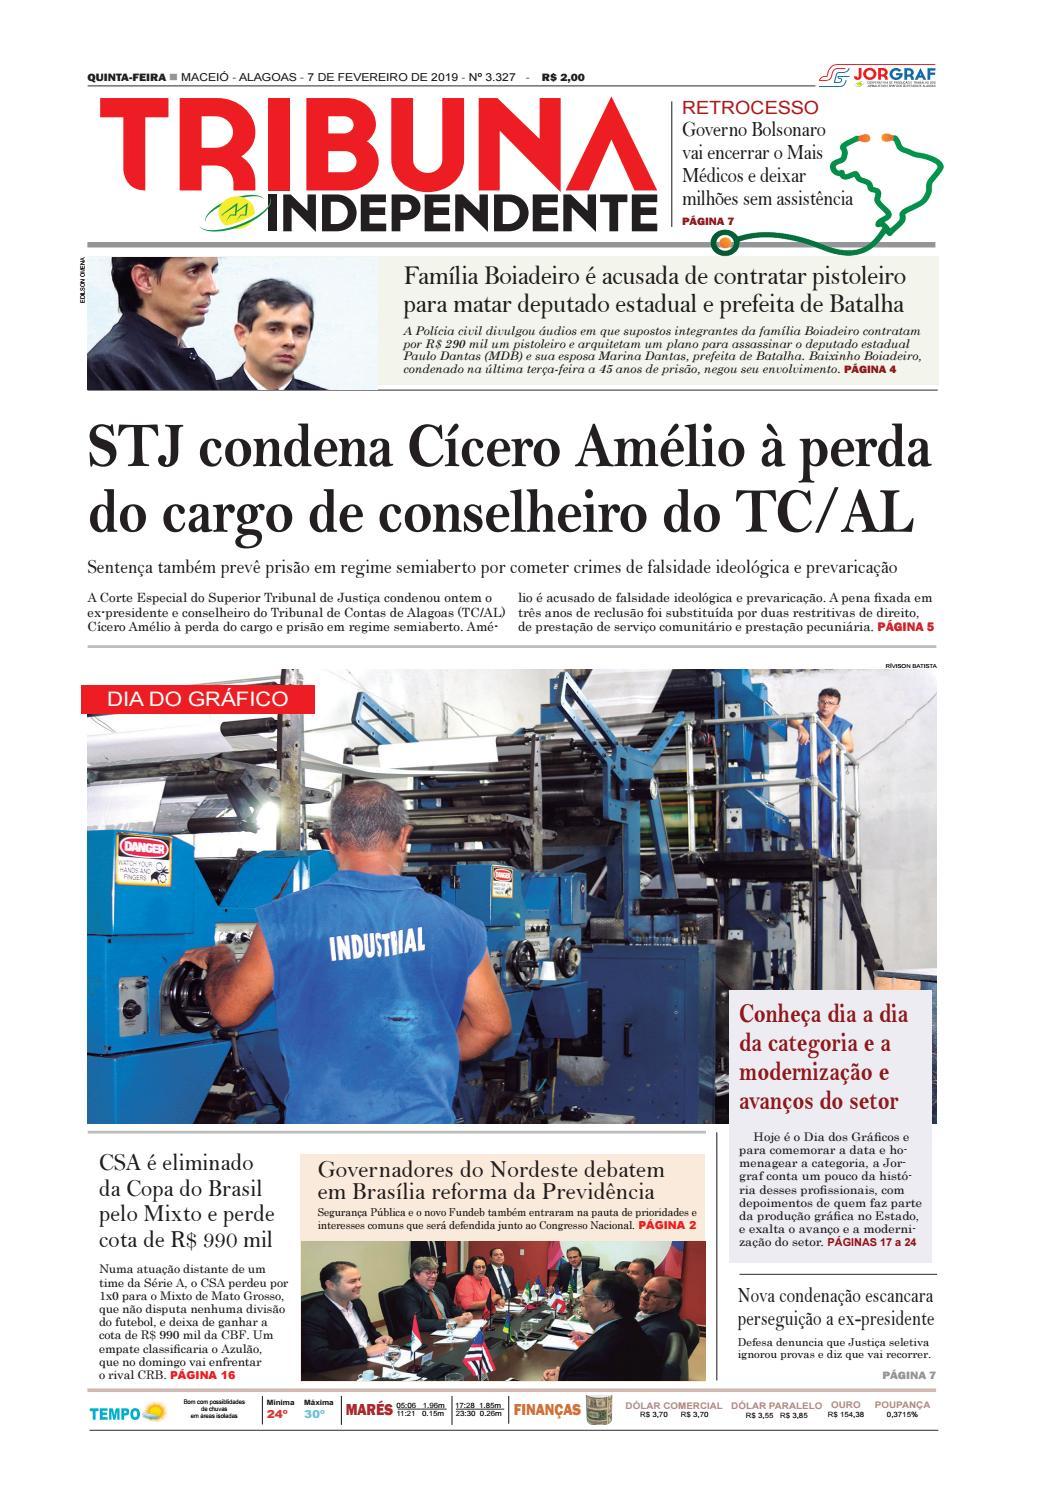 0e6b21dff5 Edição número 3327 - 7 de fevereiro de 2019 by Tribuna Hoje - issuu